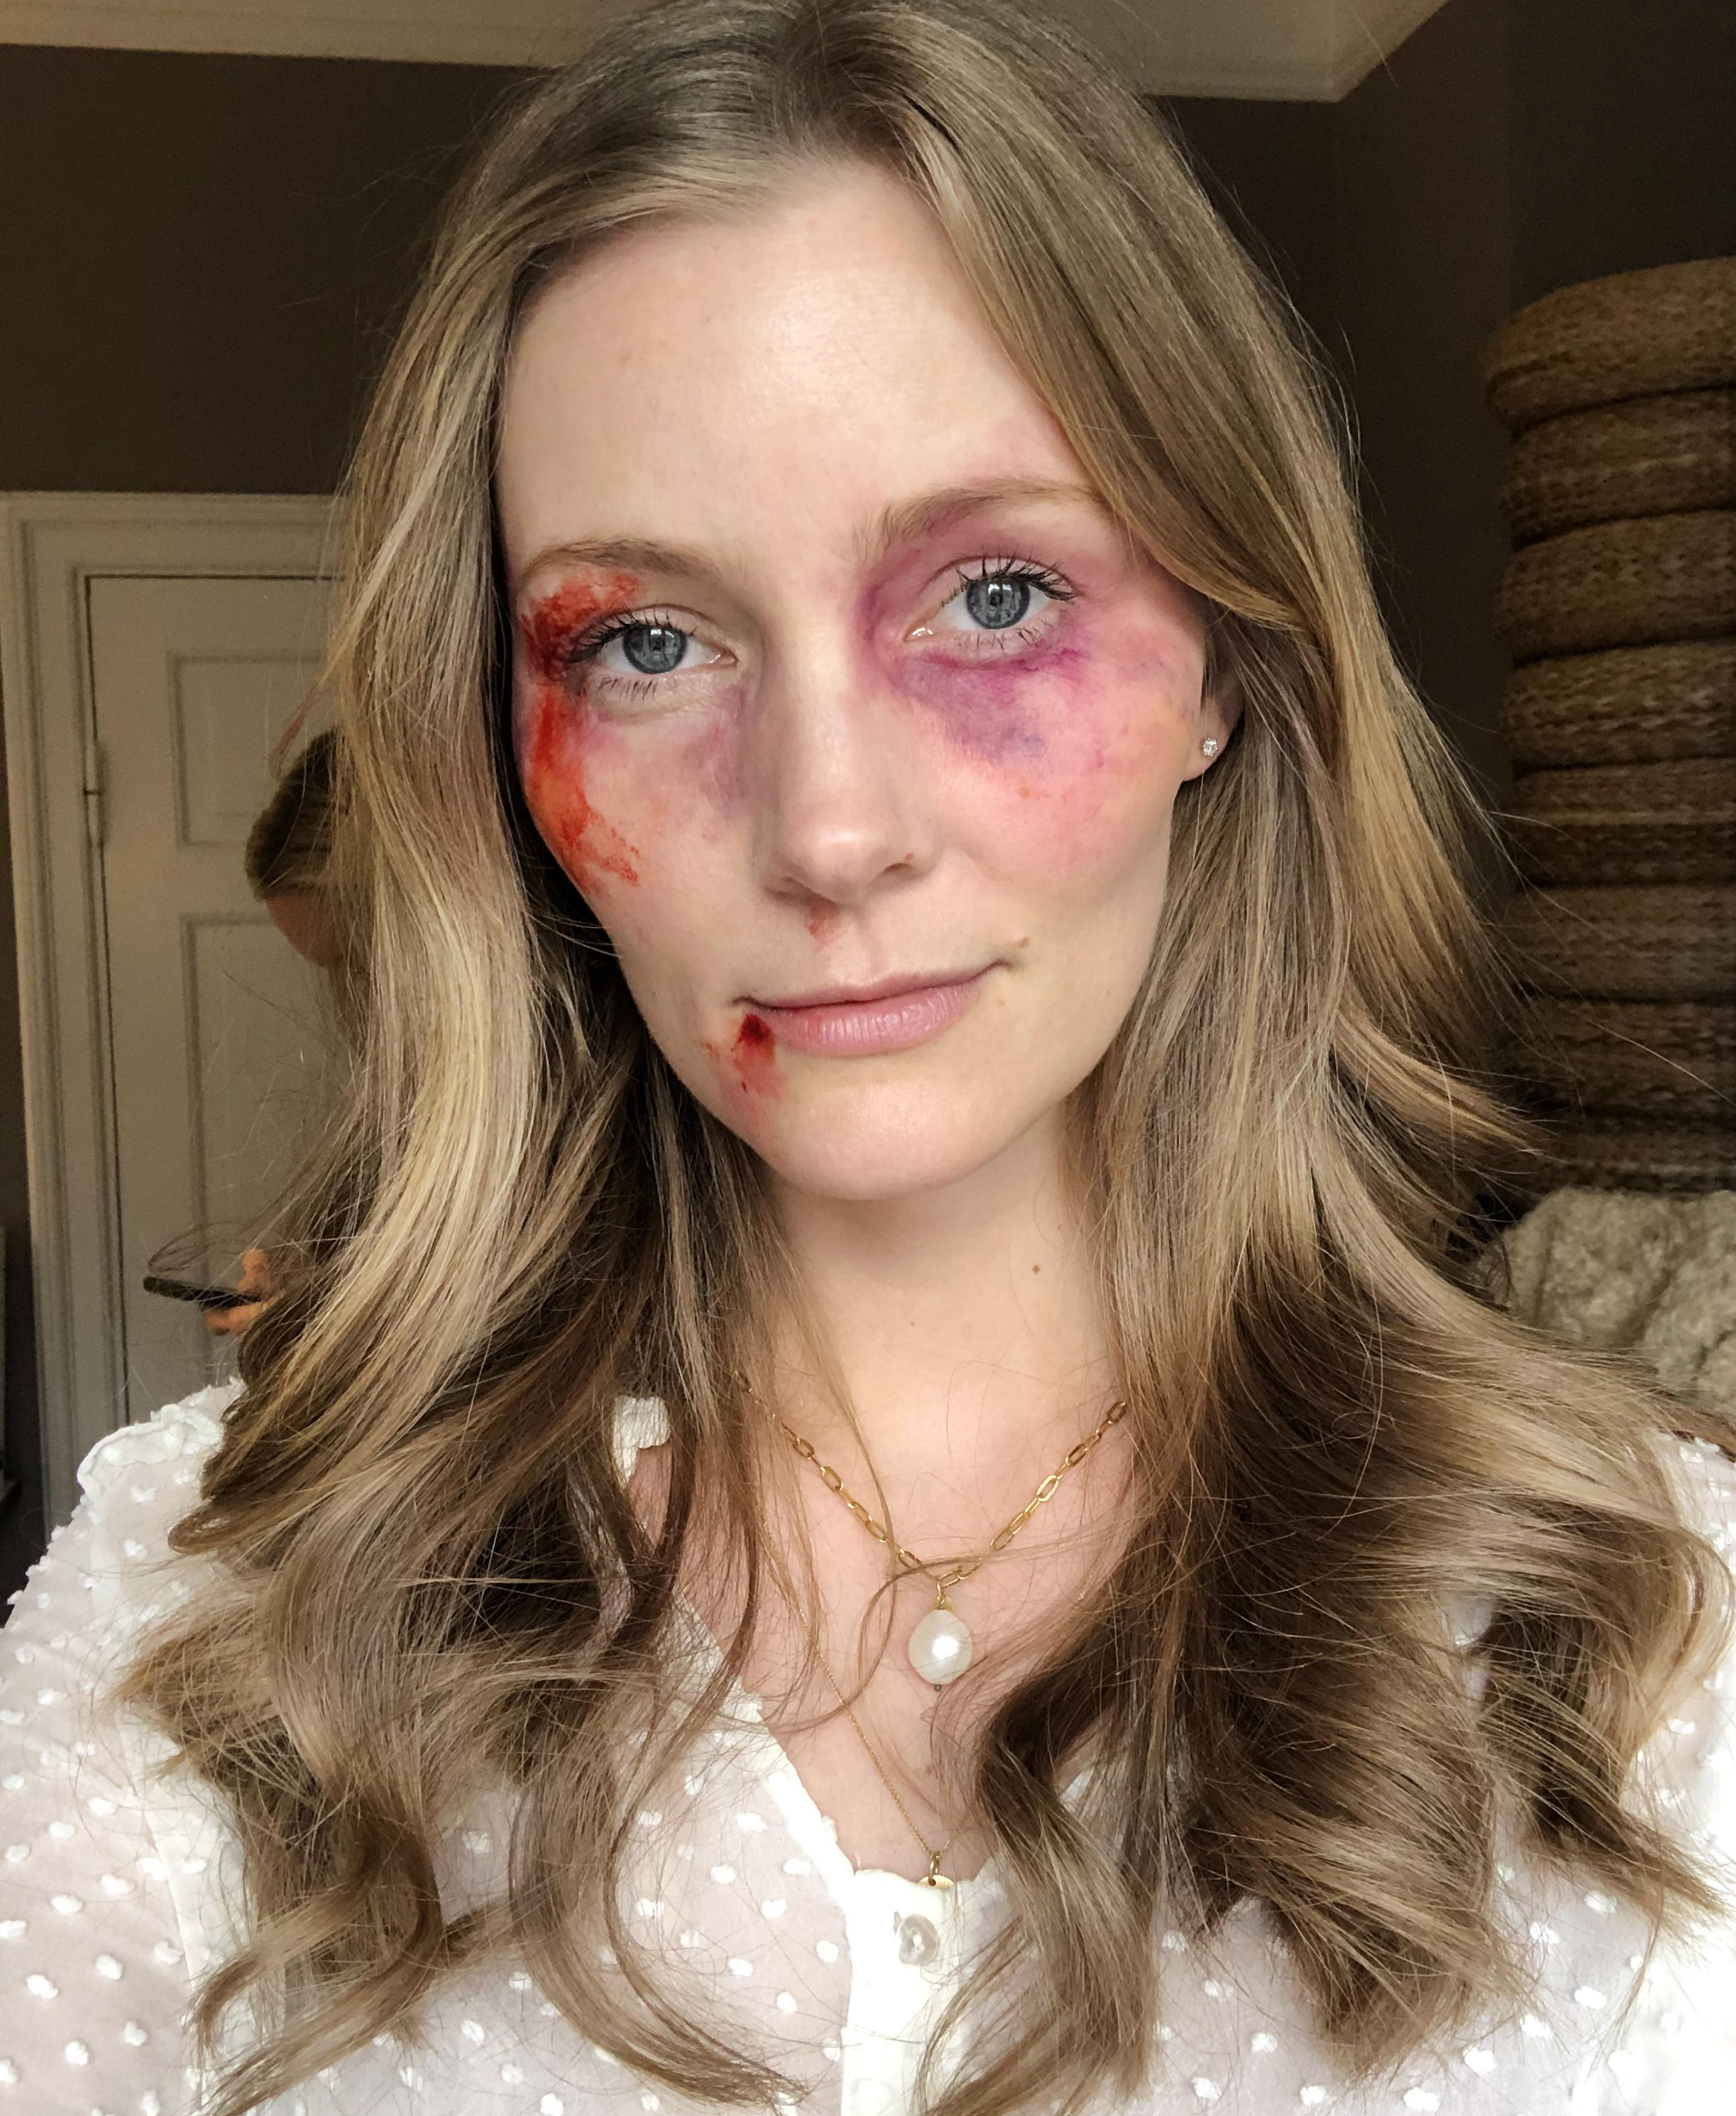 voldsramte-kvinder-kampagne